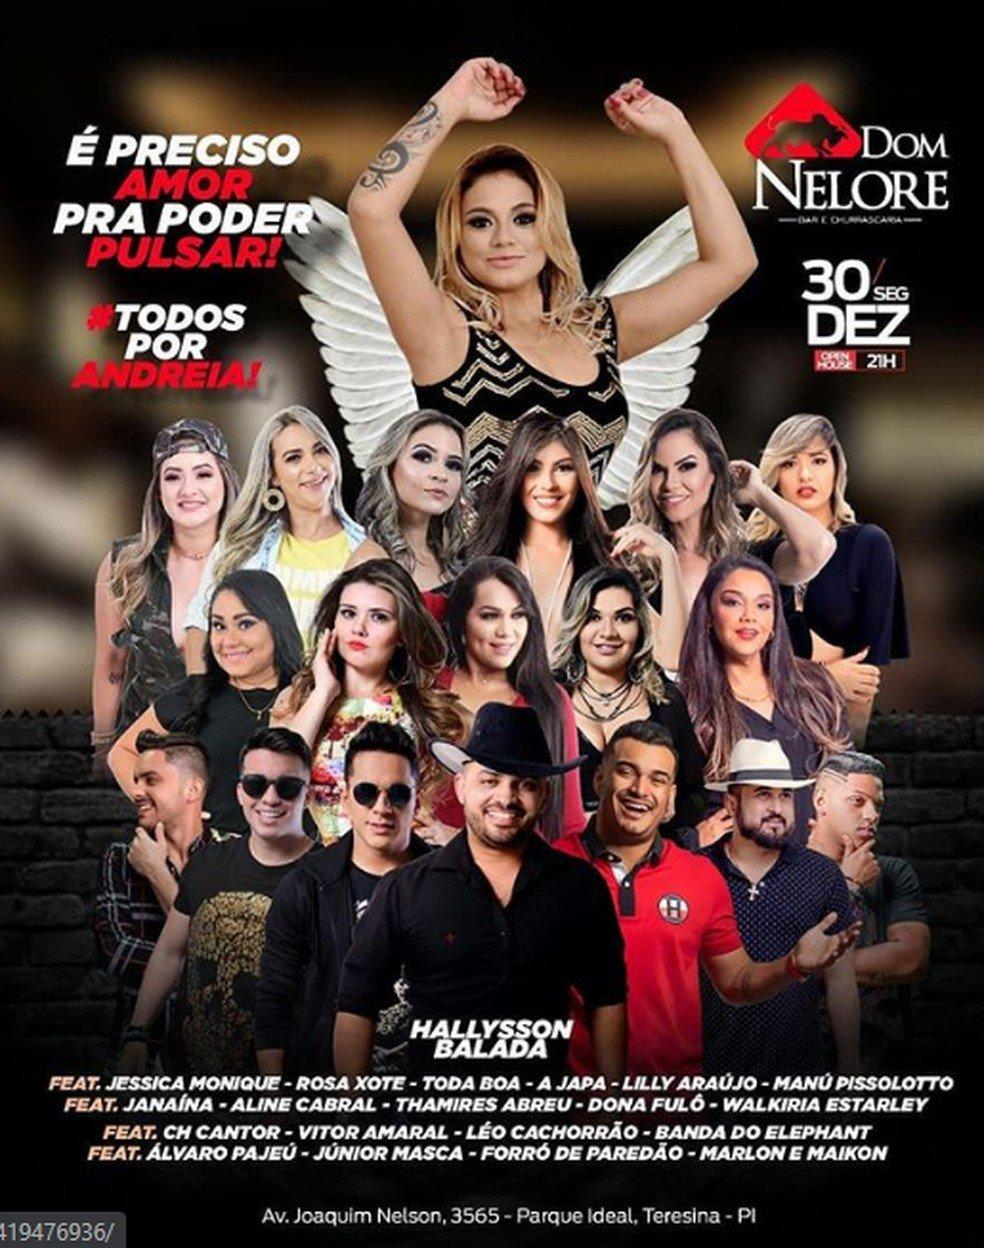 Evento organizado pela família e amigos da cantora — Foto: Divulgação/ Instagram